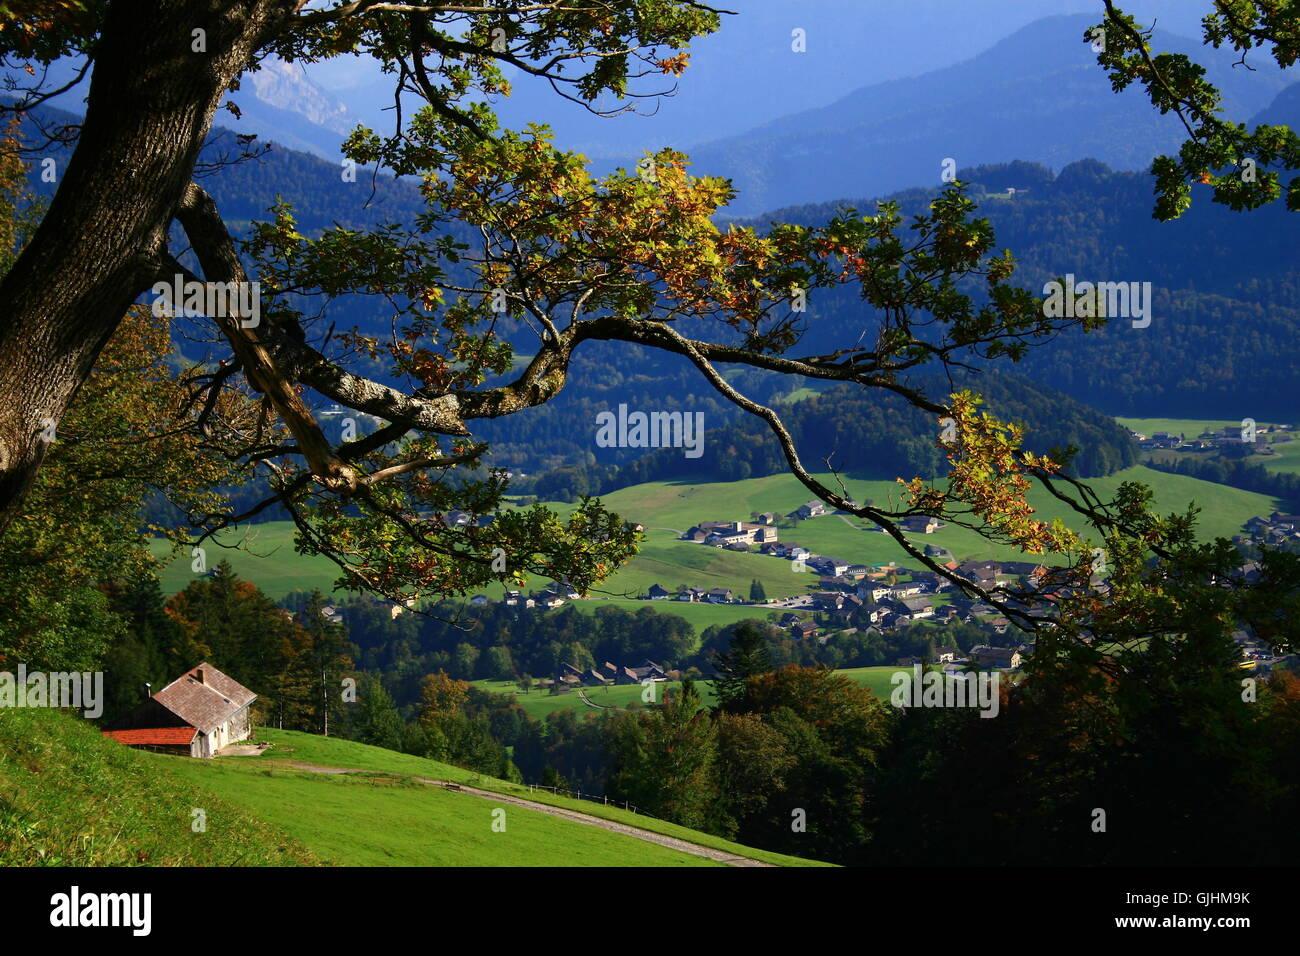 austria vorarlberg schwarzenberg bregenzerwald stockfotos austria vorarlberg schwarzenberg. Black Bedroom Furniture Sets. Home Design Ideas